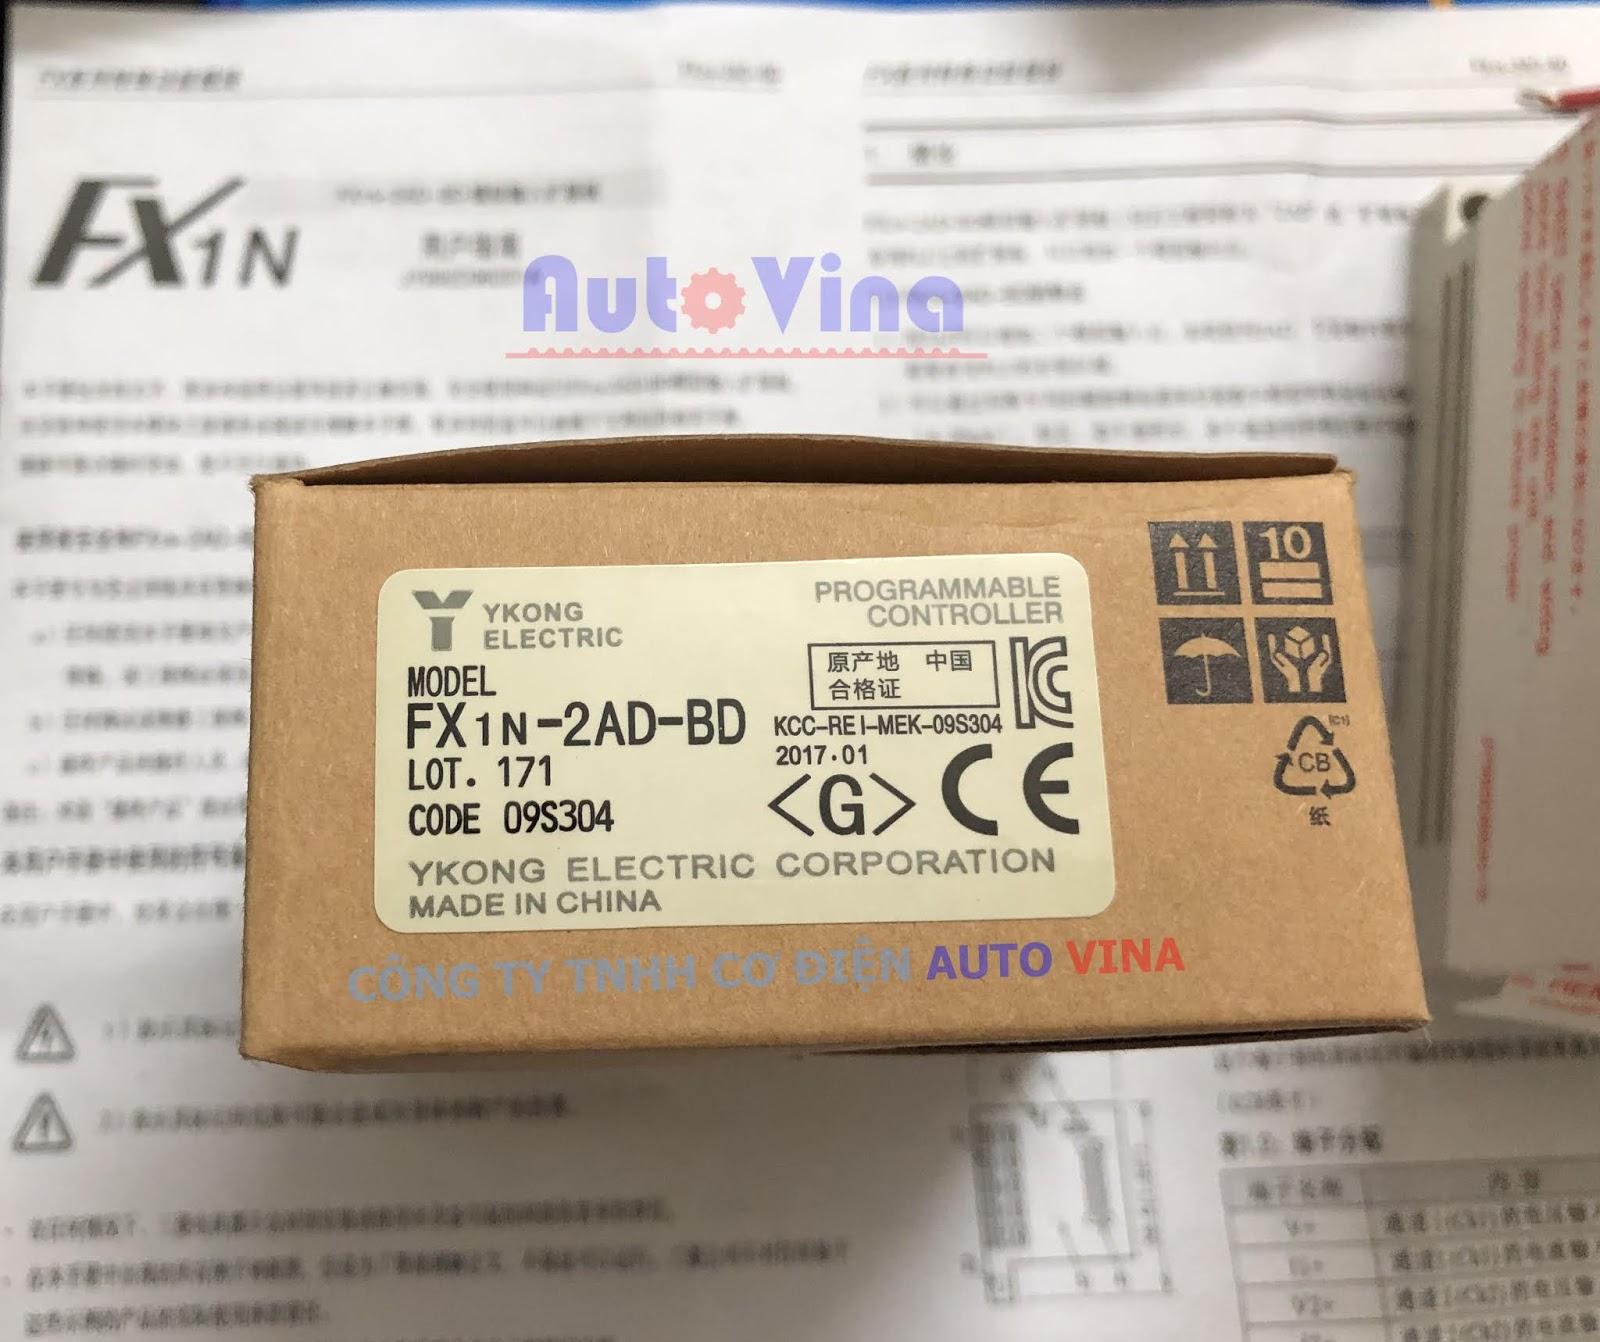 Vỏ hộp FX1N-2AD-BD analog input expansion board hàng mới, đầy đủ tài liệu hướng dẫn